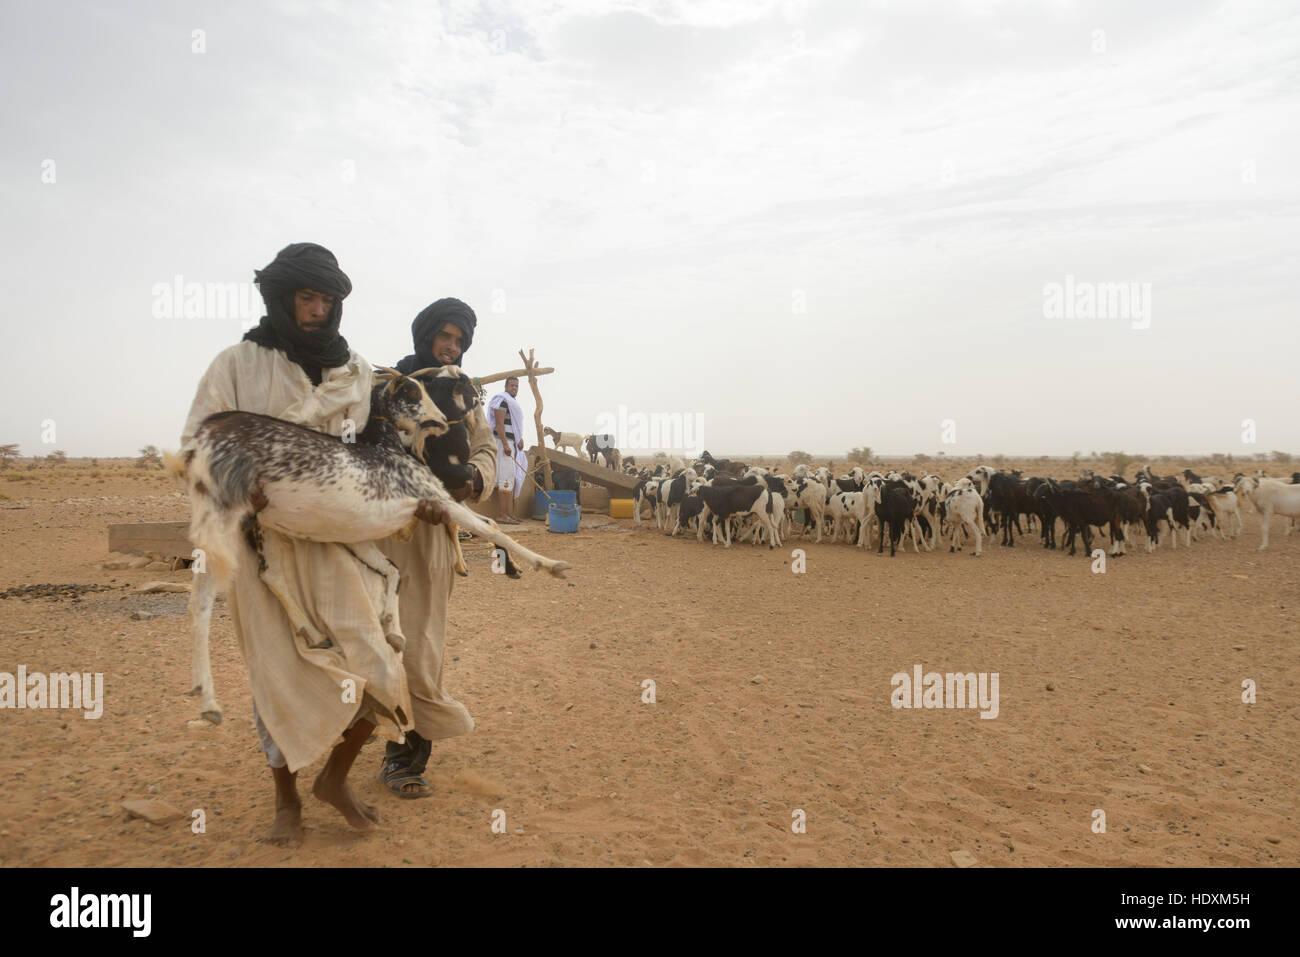 Goat herding nomads of the Adrar, Mauritania - Stock Image